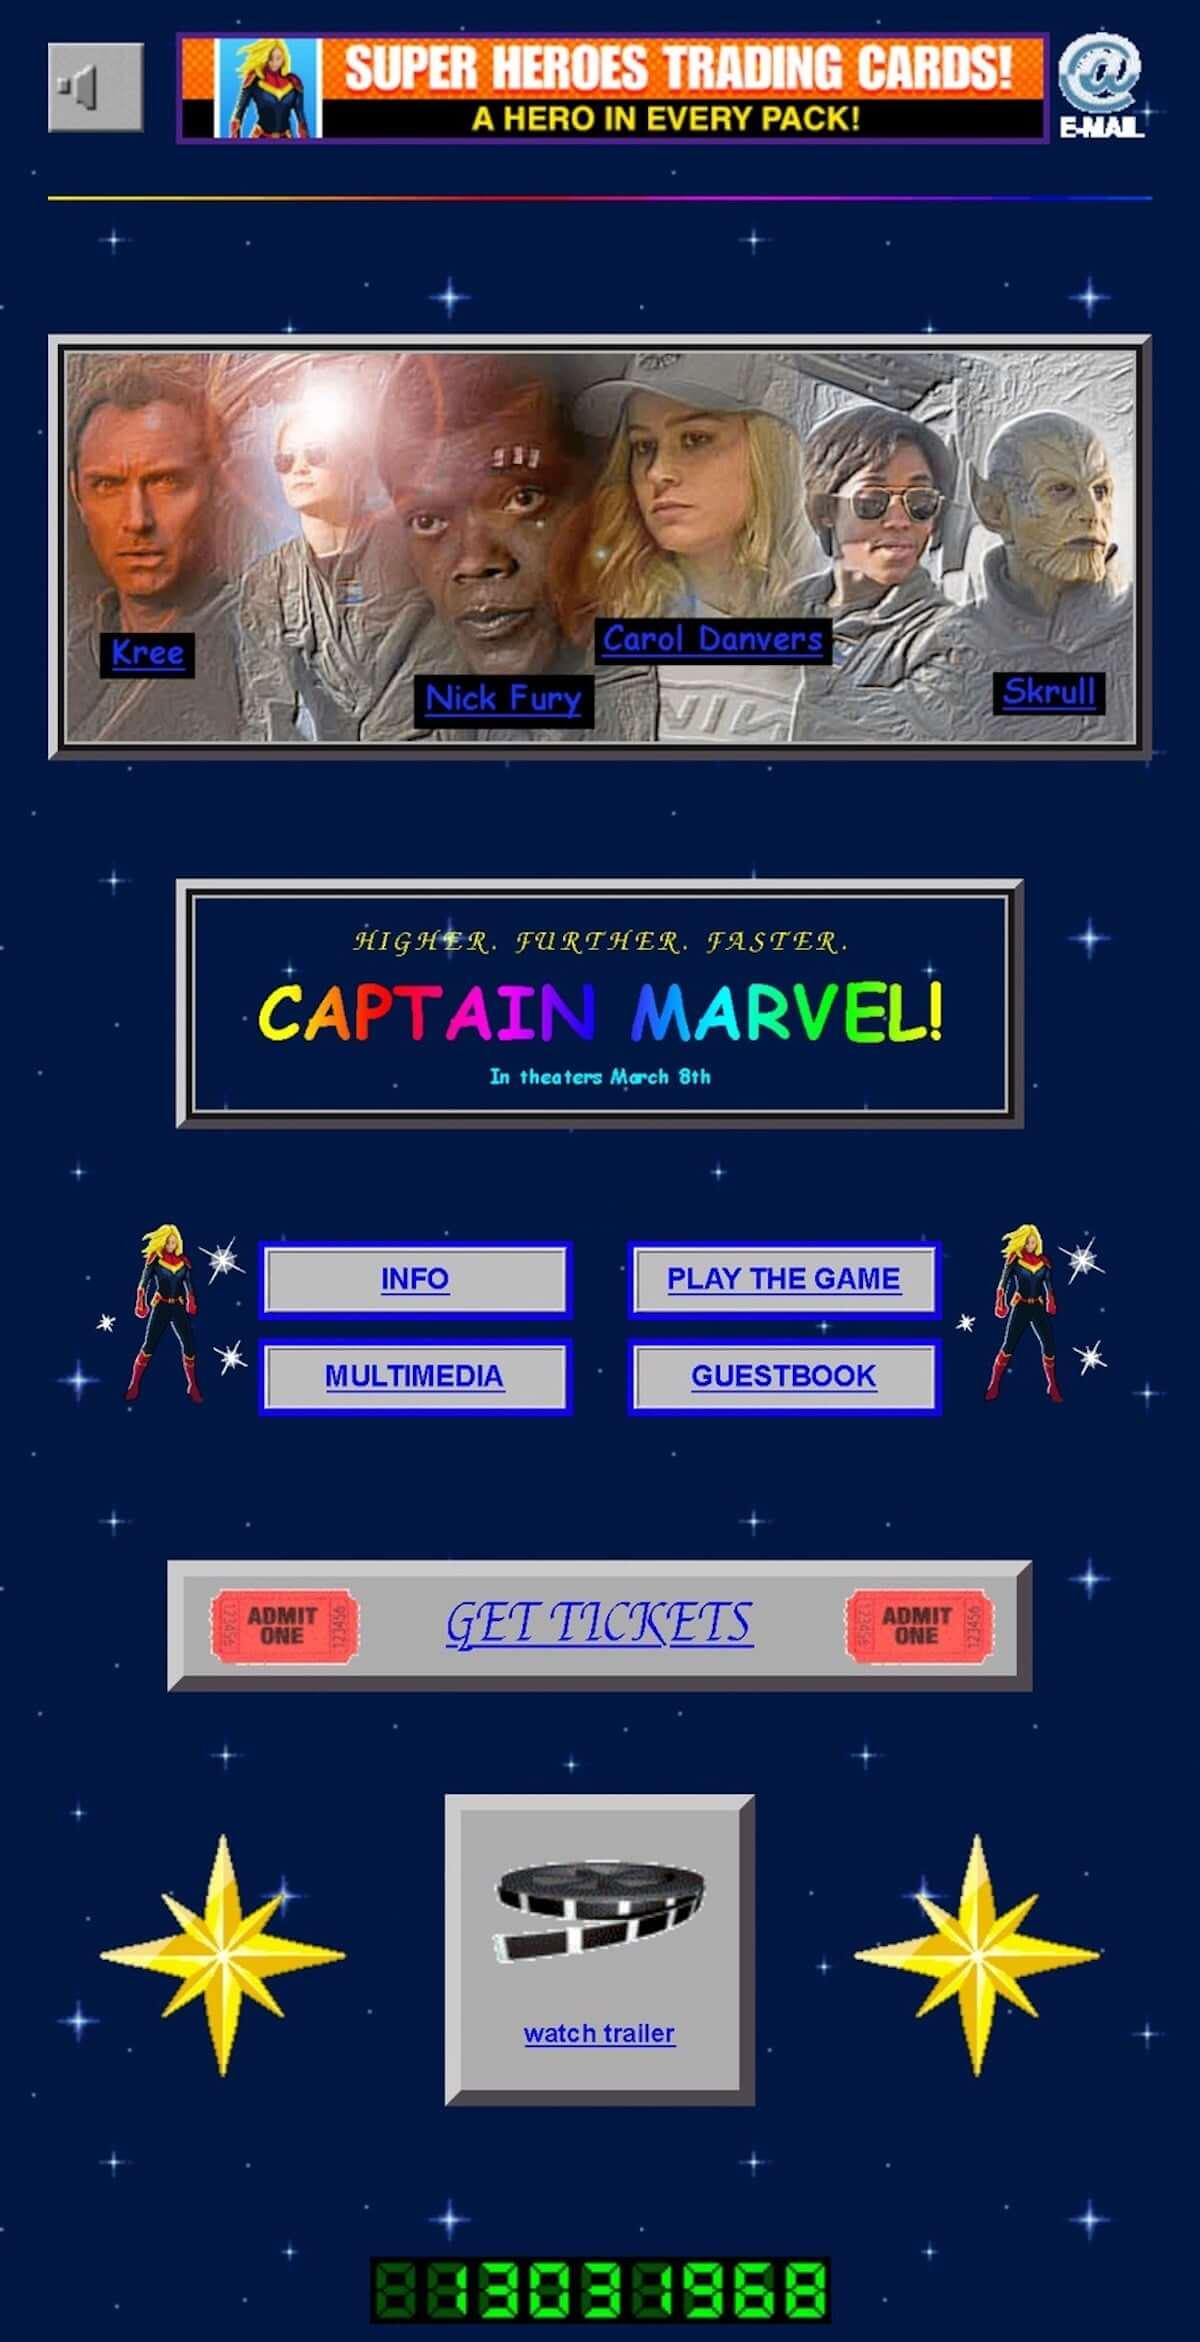 『キャプテン・マーベル』、映画の時代に合わせた激カワの90s風ウェブサイトがオープン 190210film-captain-marvel-2-1200x2342